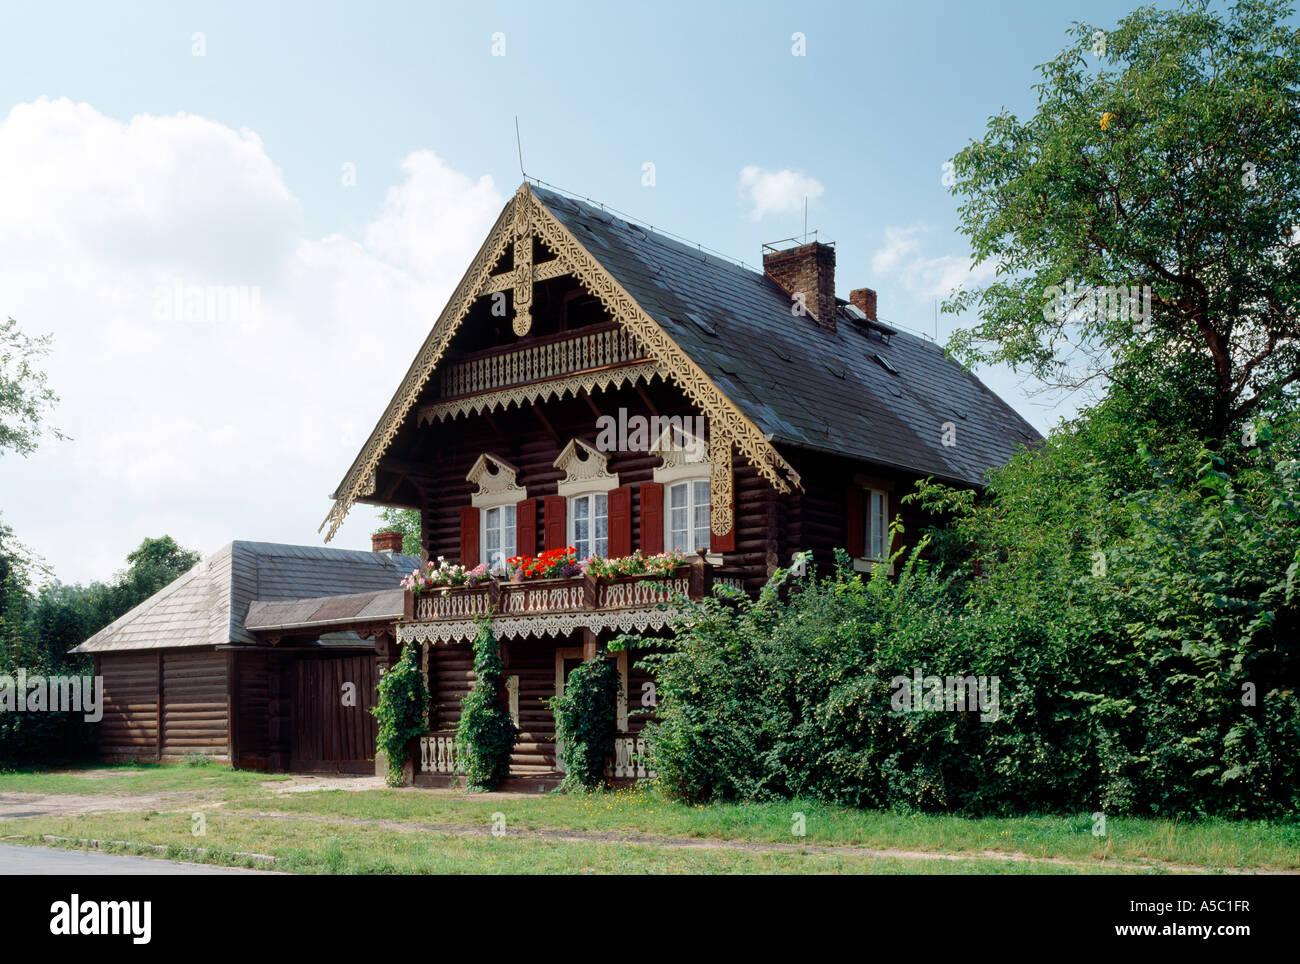 Malerisch Russisches Holzhaus Galerie Von Potsdam, Russische Kolonie,